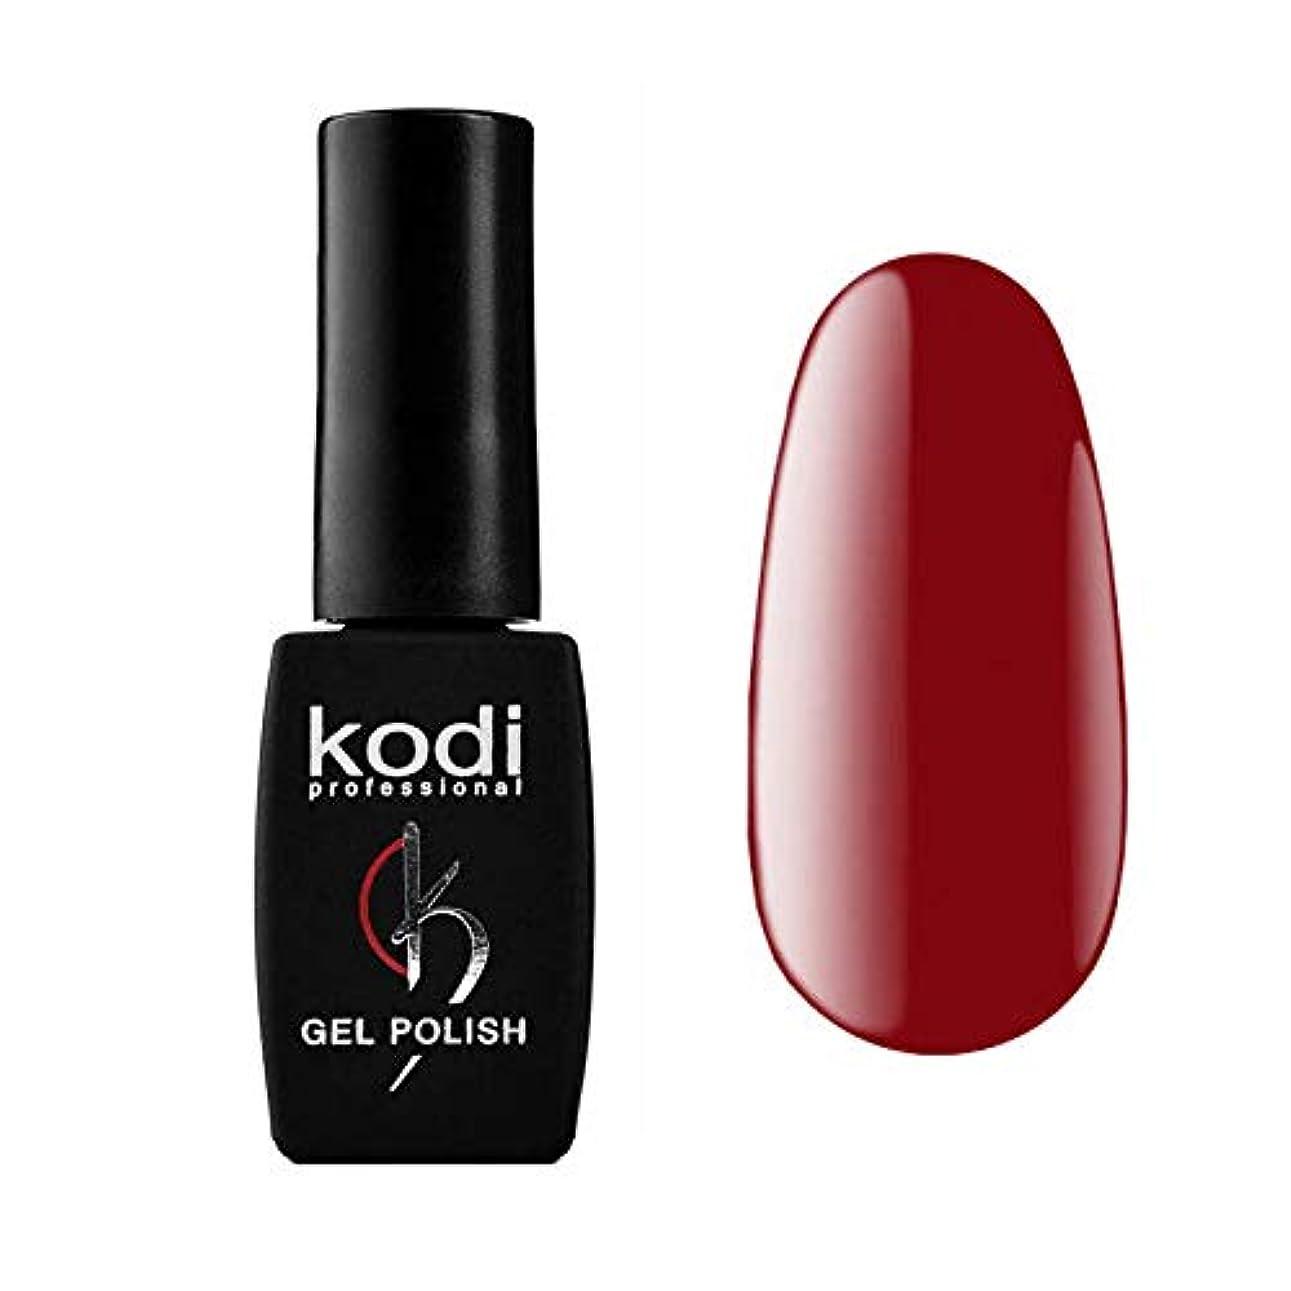 アトラスマグ涙Kodi Professional New Collection R RED #20 Color Gel Nail Polish 12ml 0.42 Fl Oz LED UV Genuine Soak Off